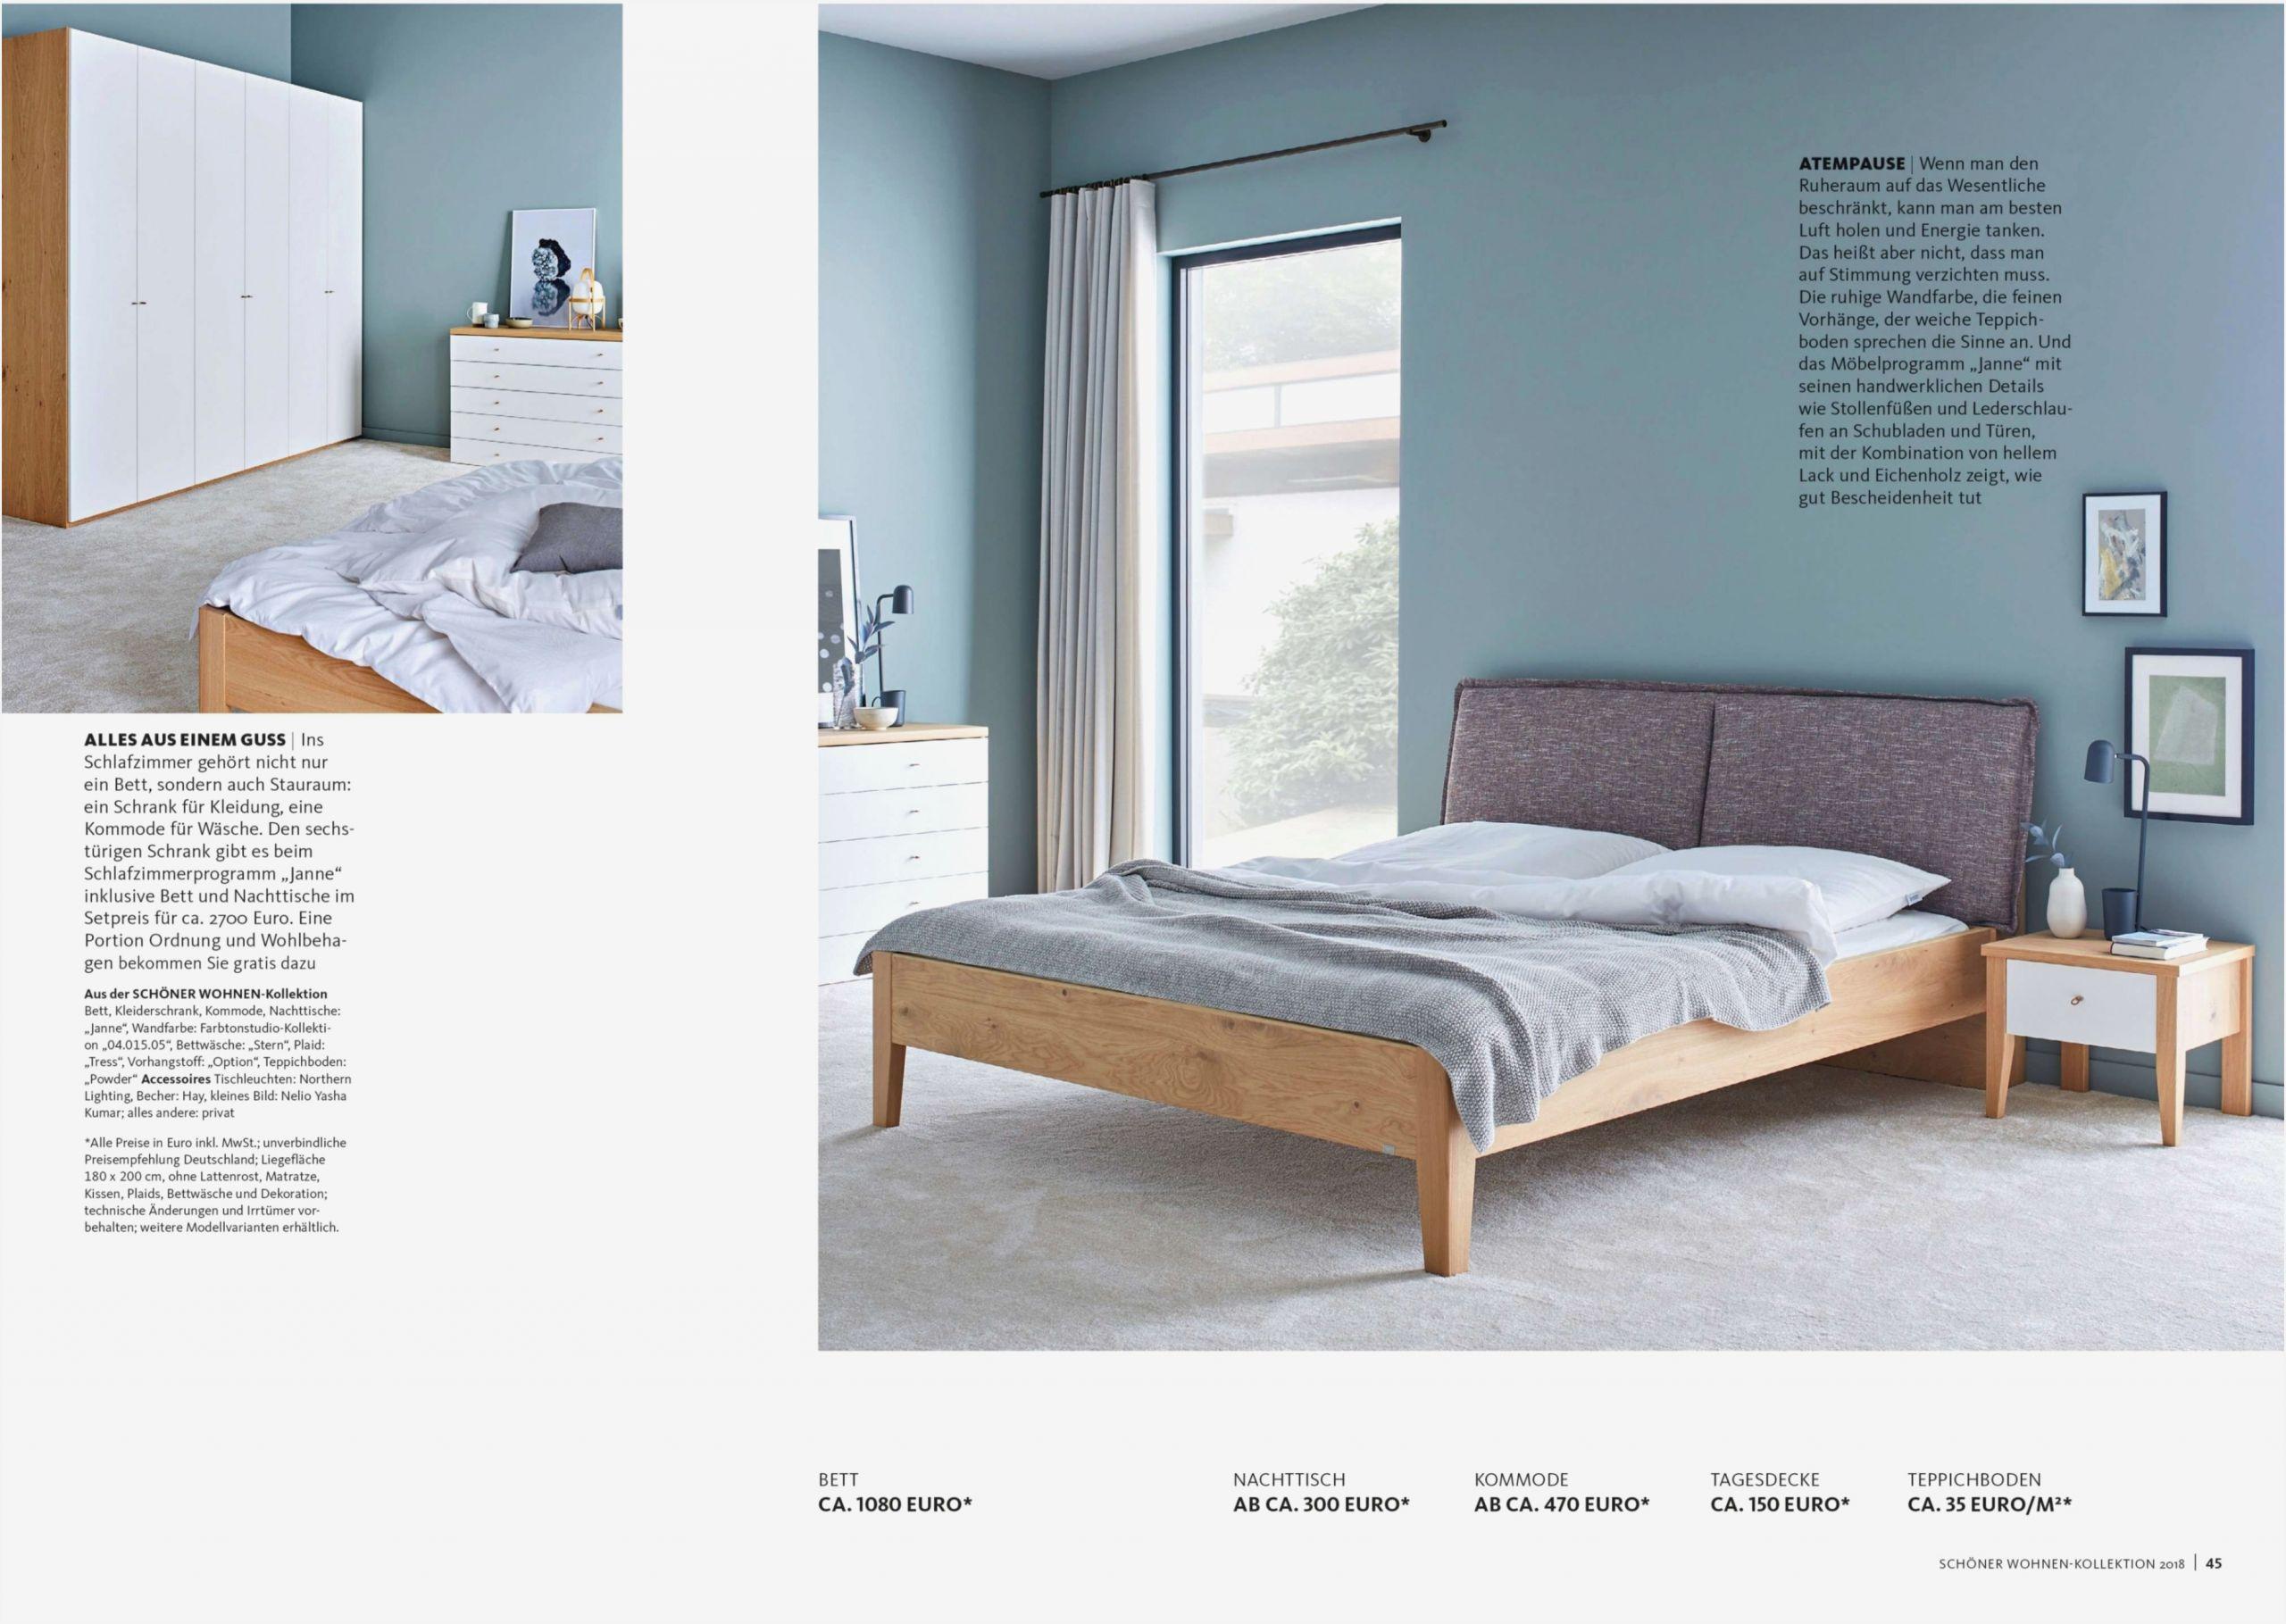 Full Size of Bett Im Schrank Kombination Ikea 140 X 200 Kombi Schreibtisch Mit Sofa Integriert Kaufen Eingebautes Versteckt 160x200 90x200 Unterschrank Küche 140x200 Bett Bett Im Schrank